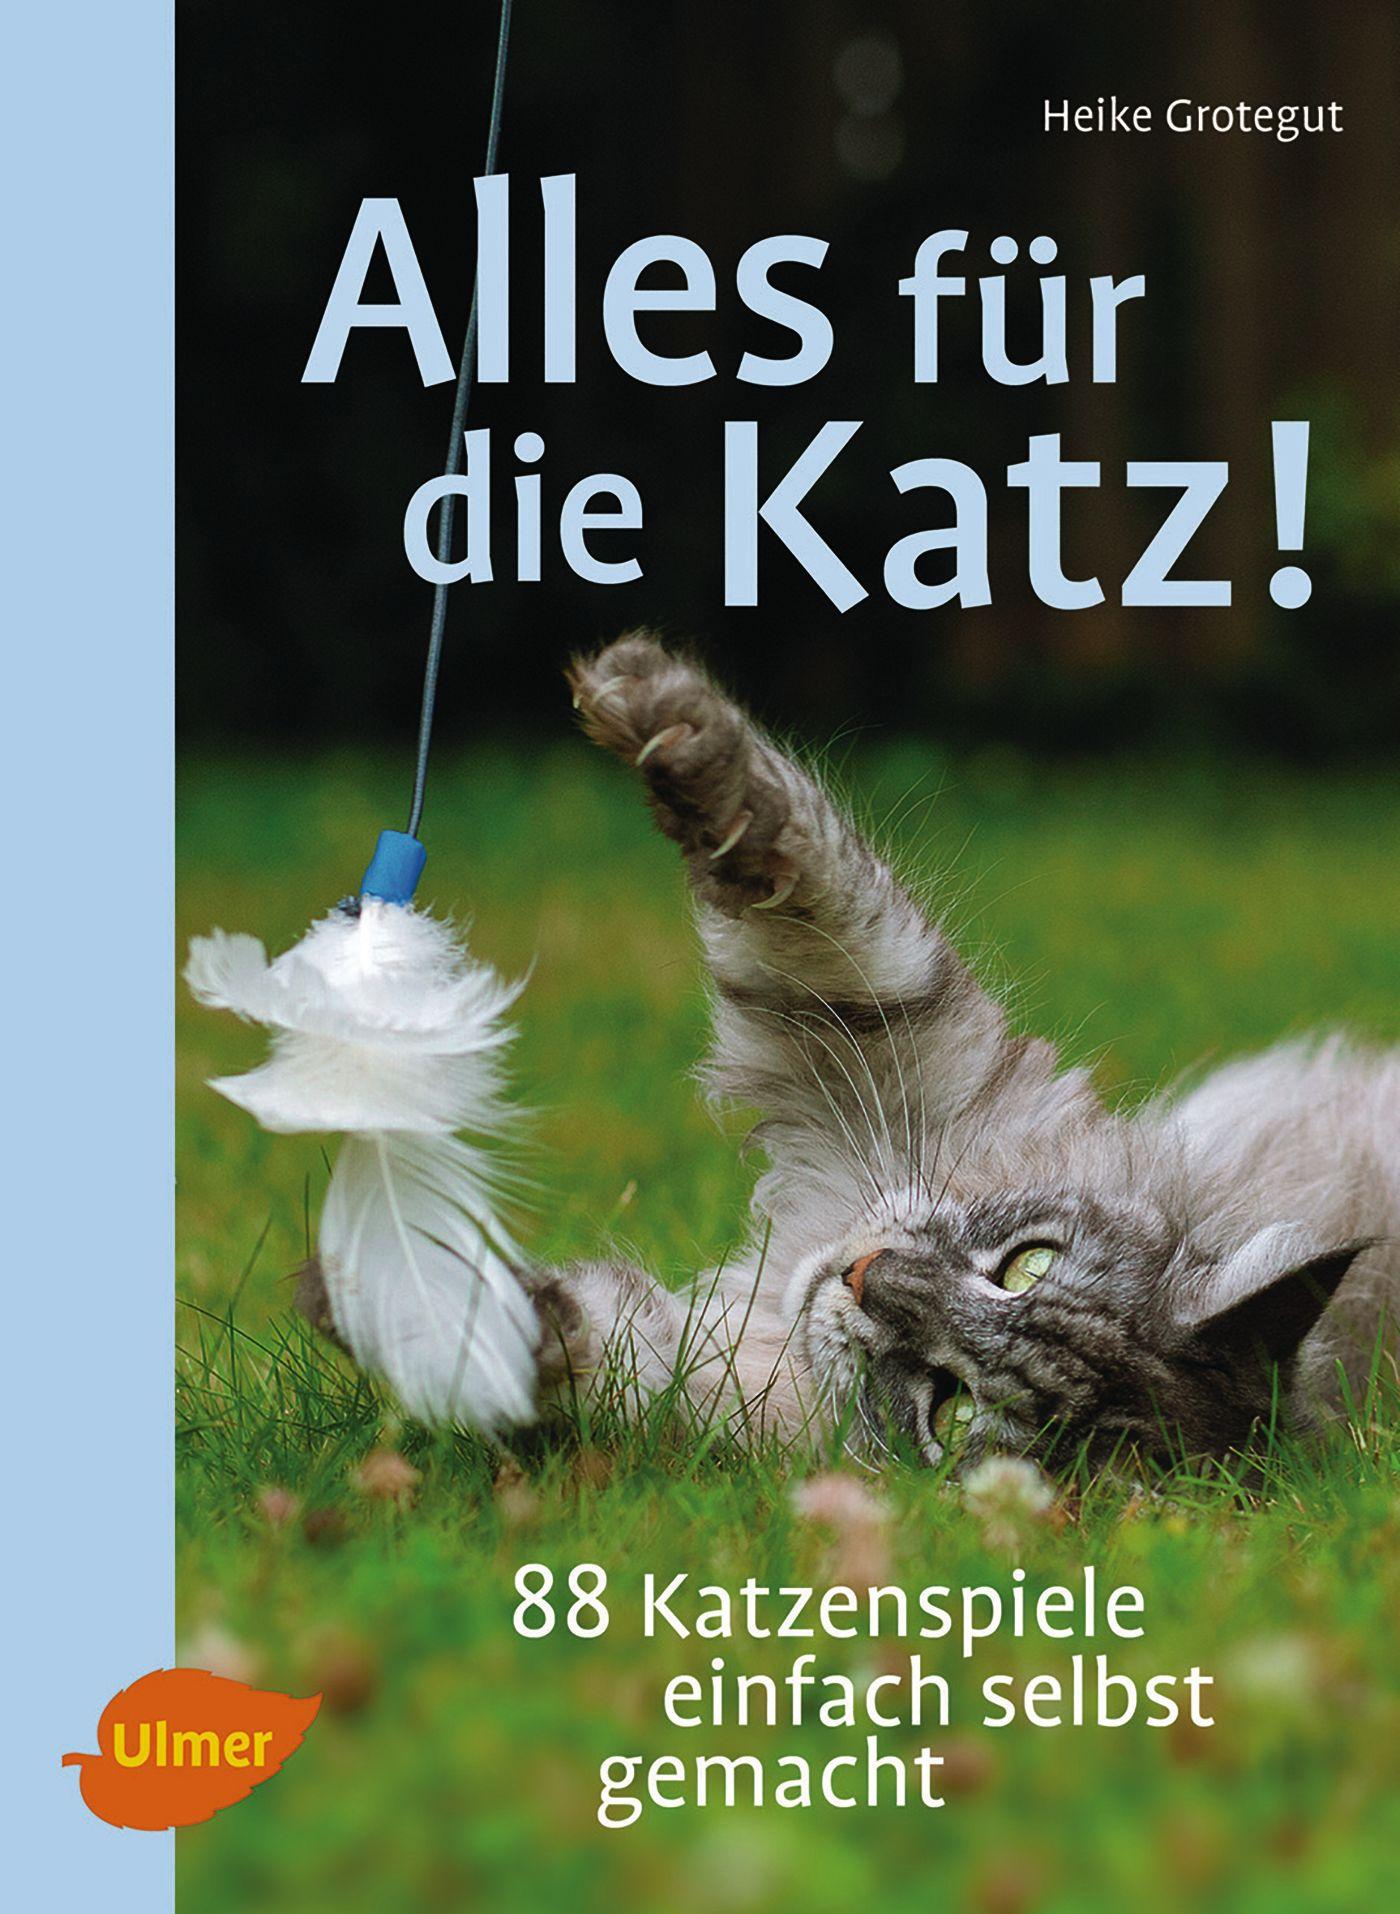 Alles für die Katz! | Heike Grotegut |  9783800103034